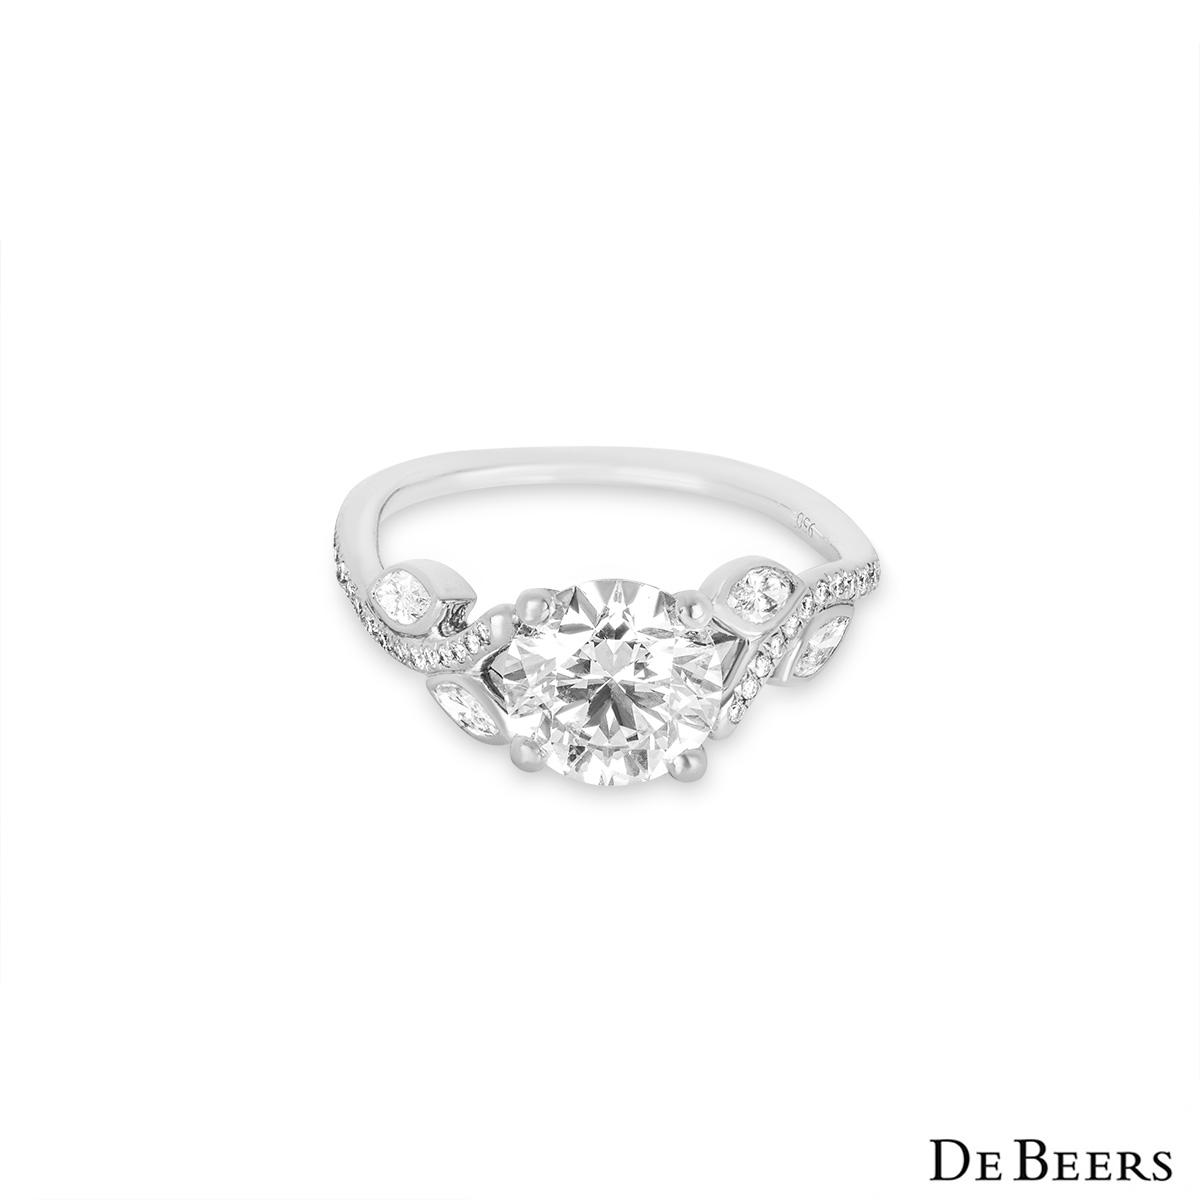 De Beers Platinum Round Brilliant Cut Diamond Ring 1.04ct E/VS1